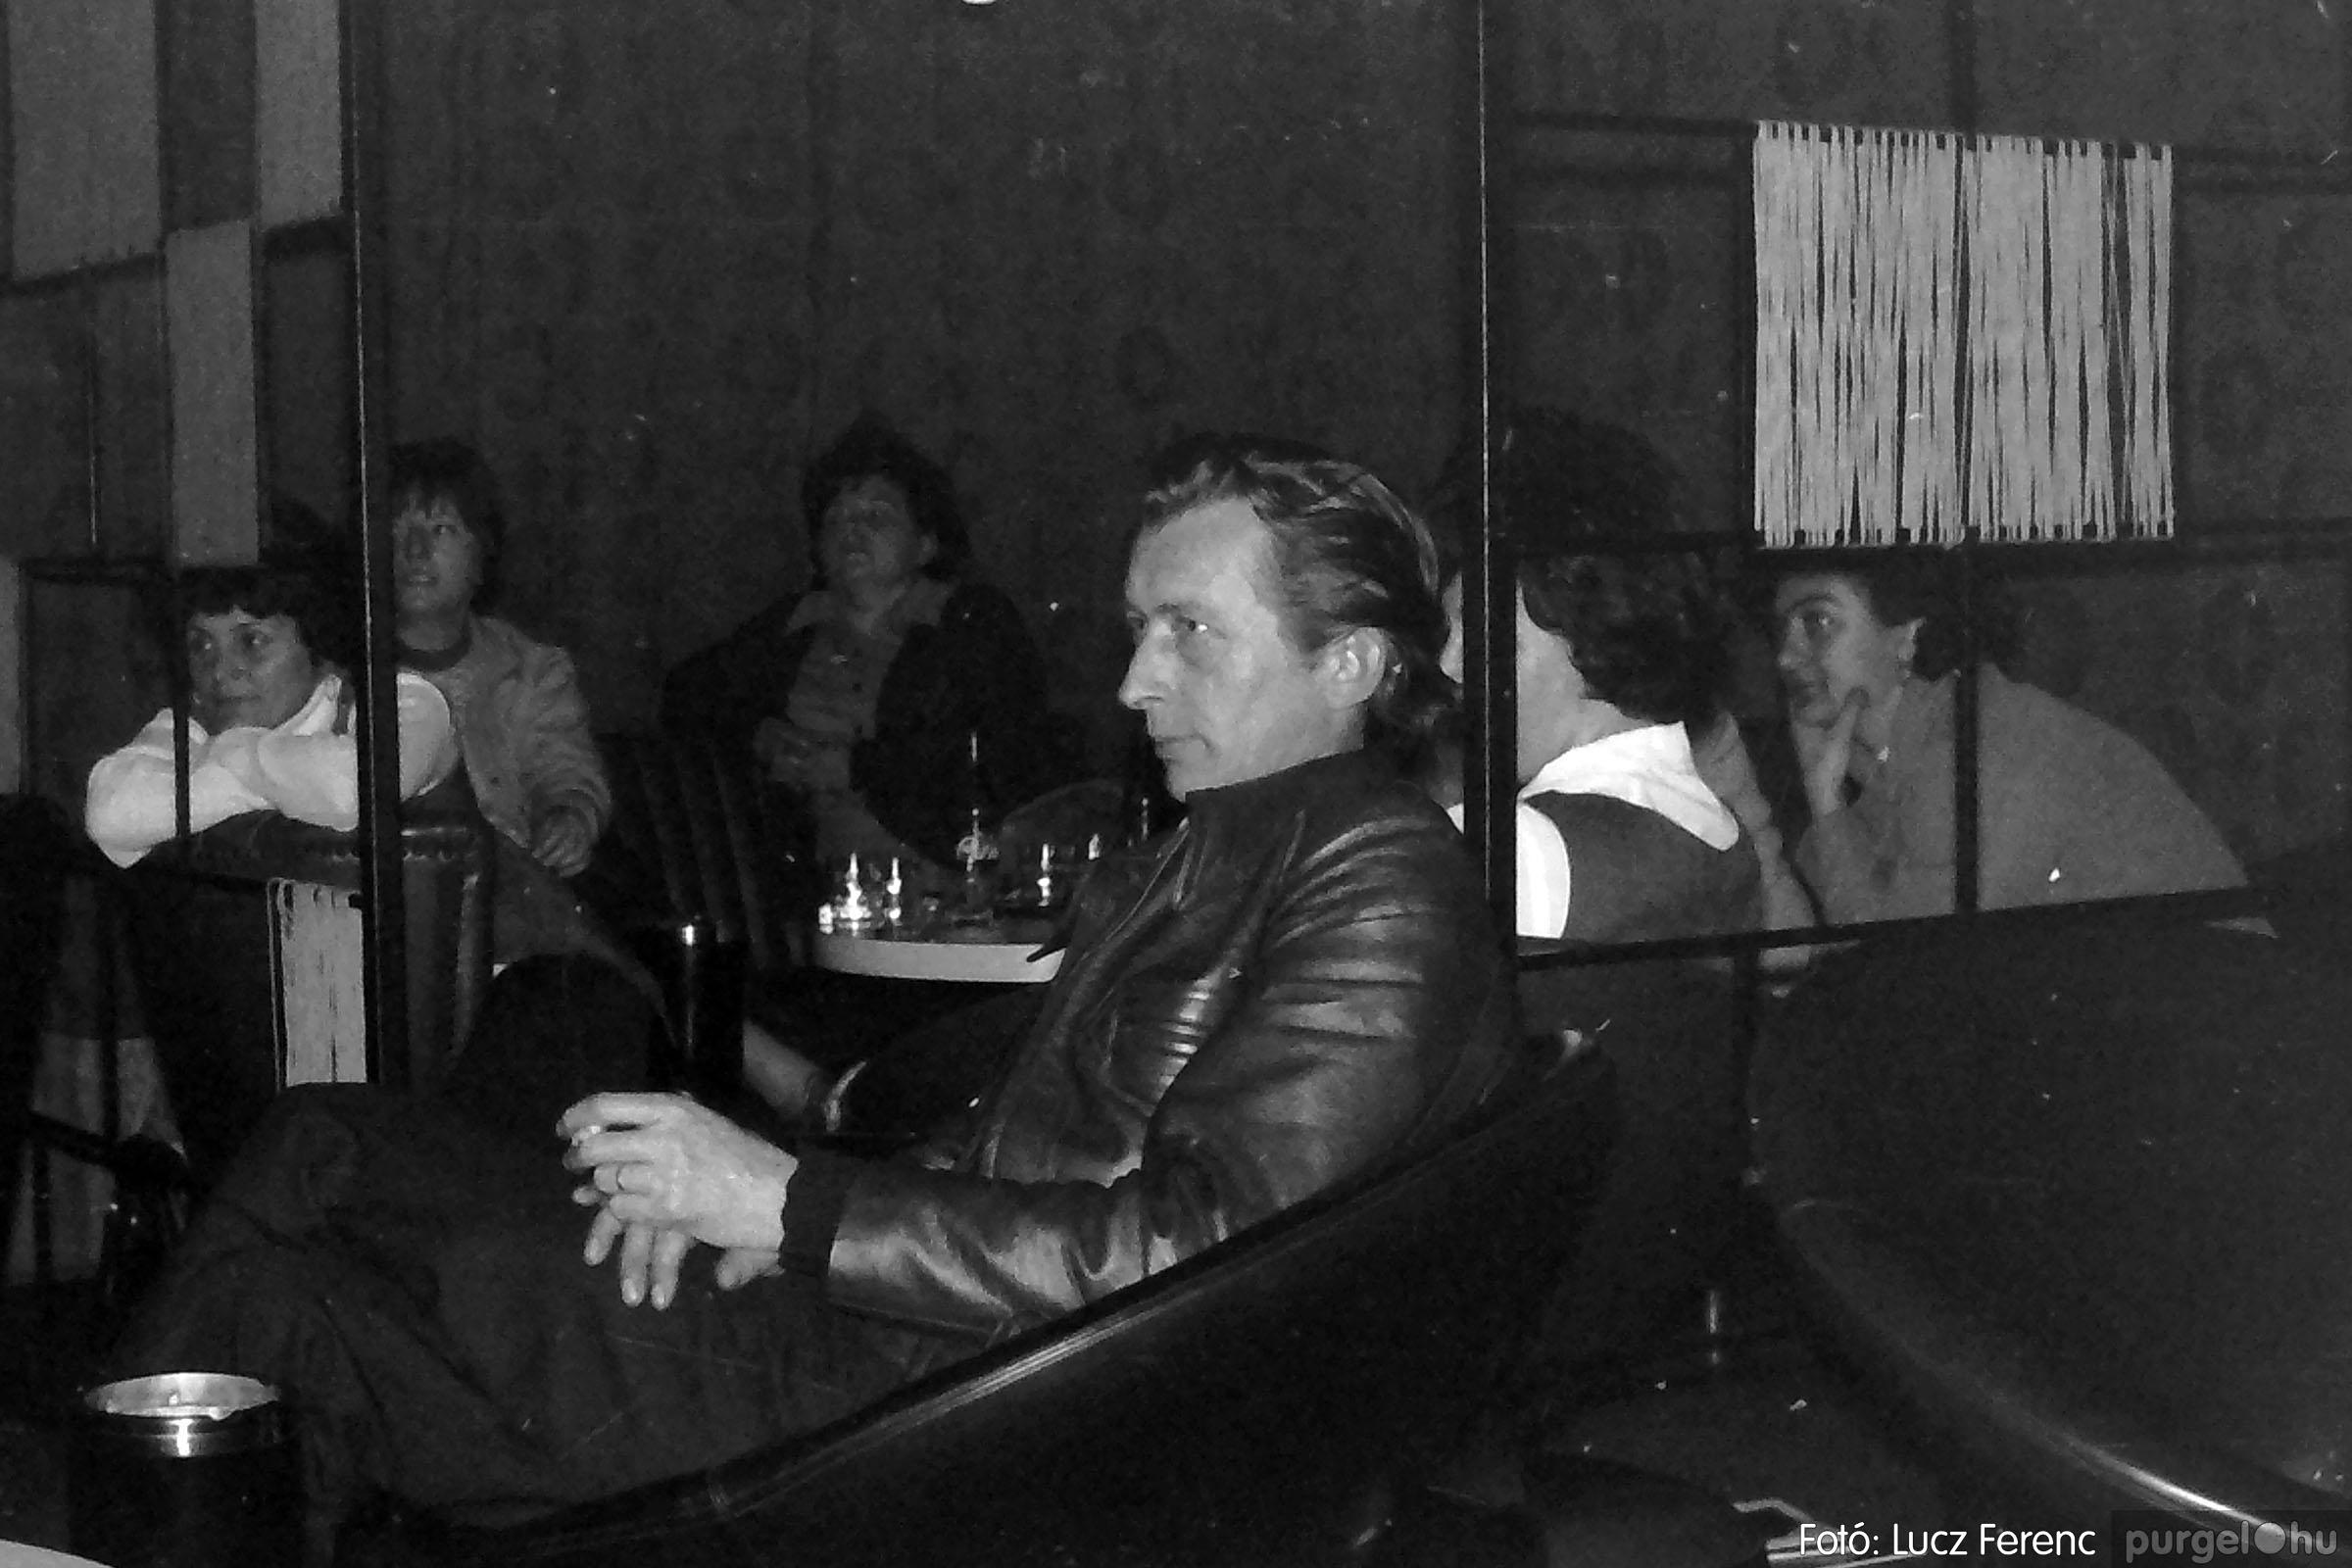 018-019 1975. Élet a kultúrházban 005 - Fotó: Lucz Ferenc IMG00044q.jpg